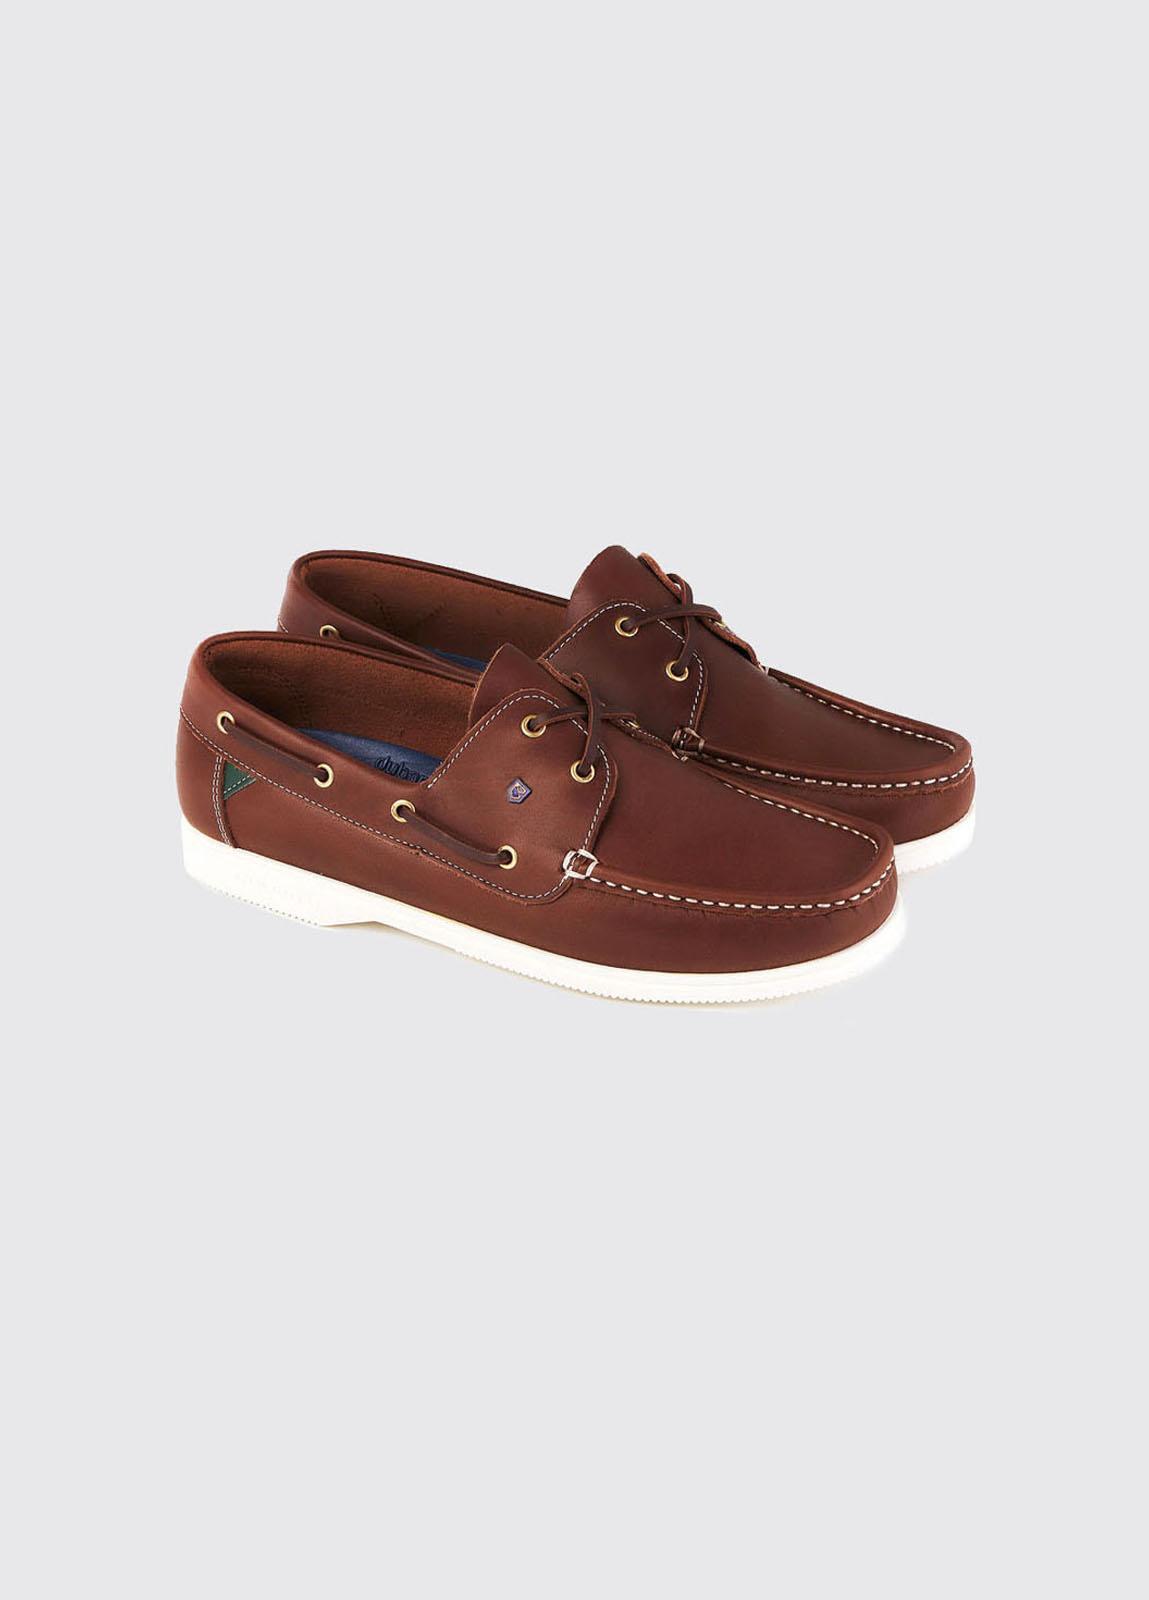 Admirals Deck Shoe - Brown